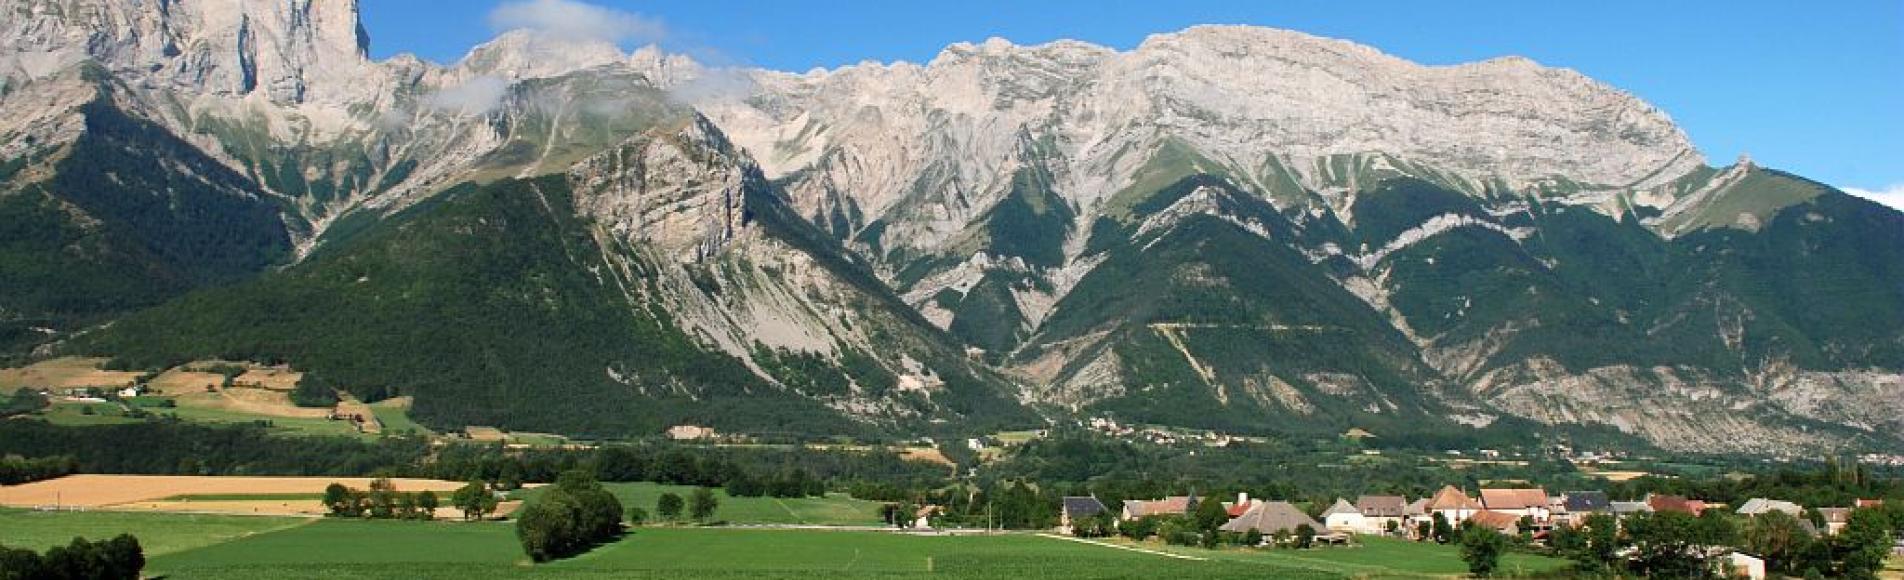 Chauffayer, village et terres agicoles. Montagnes de Féraud en arrière plan © Jean-Pierre Nicollet - Parc national des Ecrins